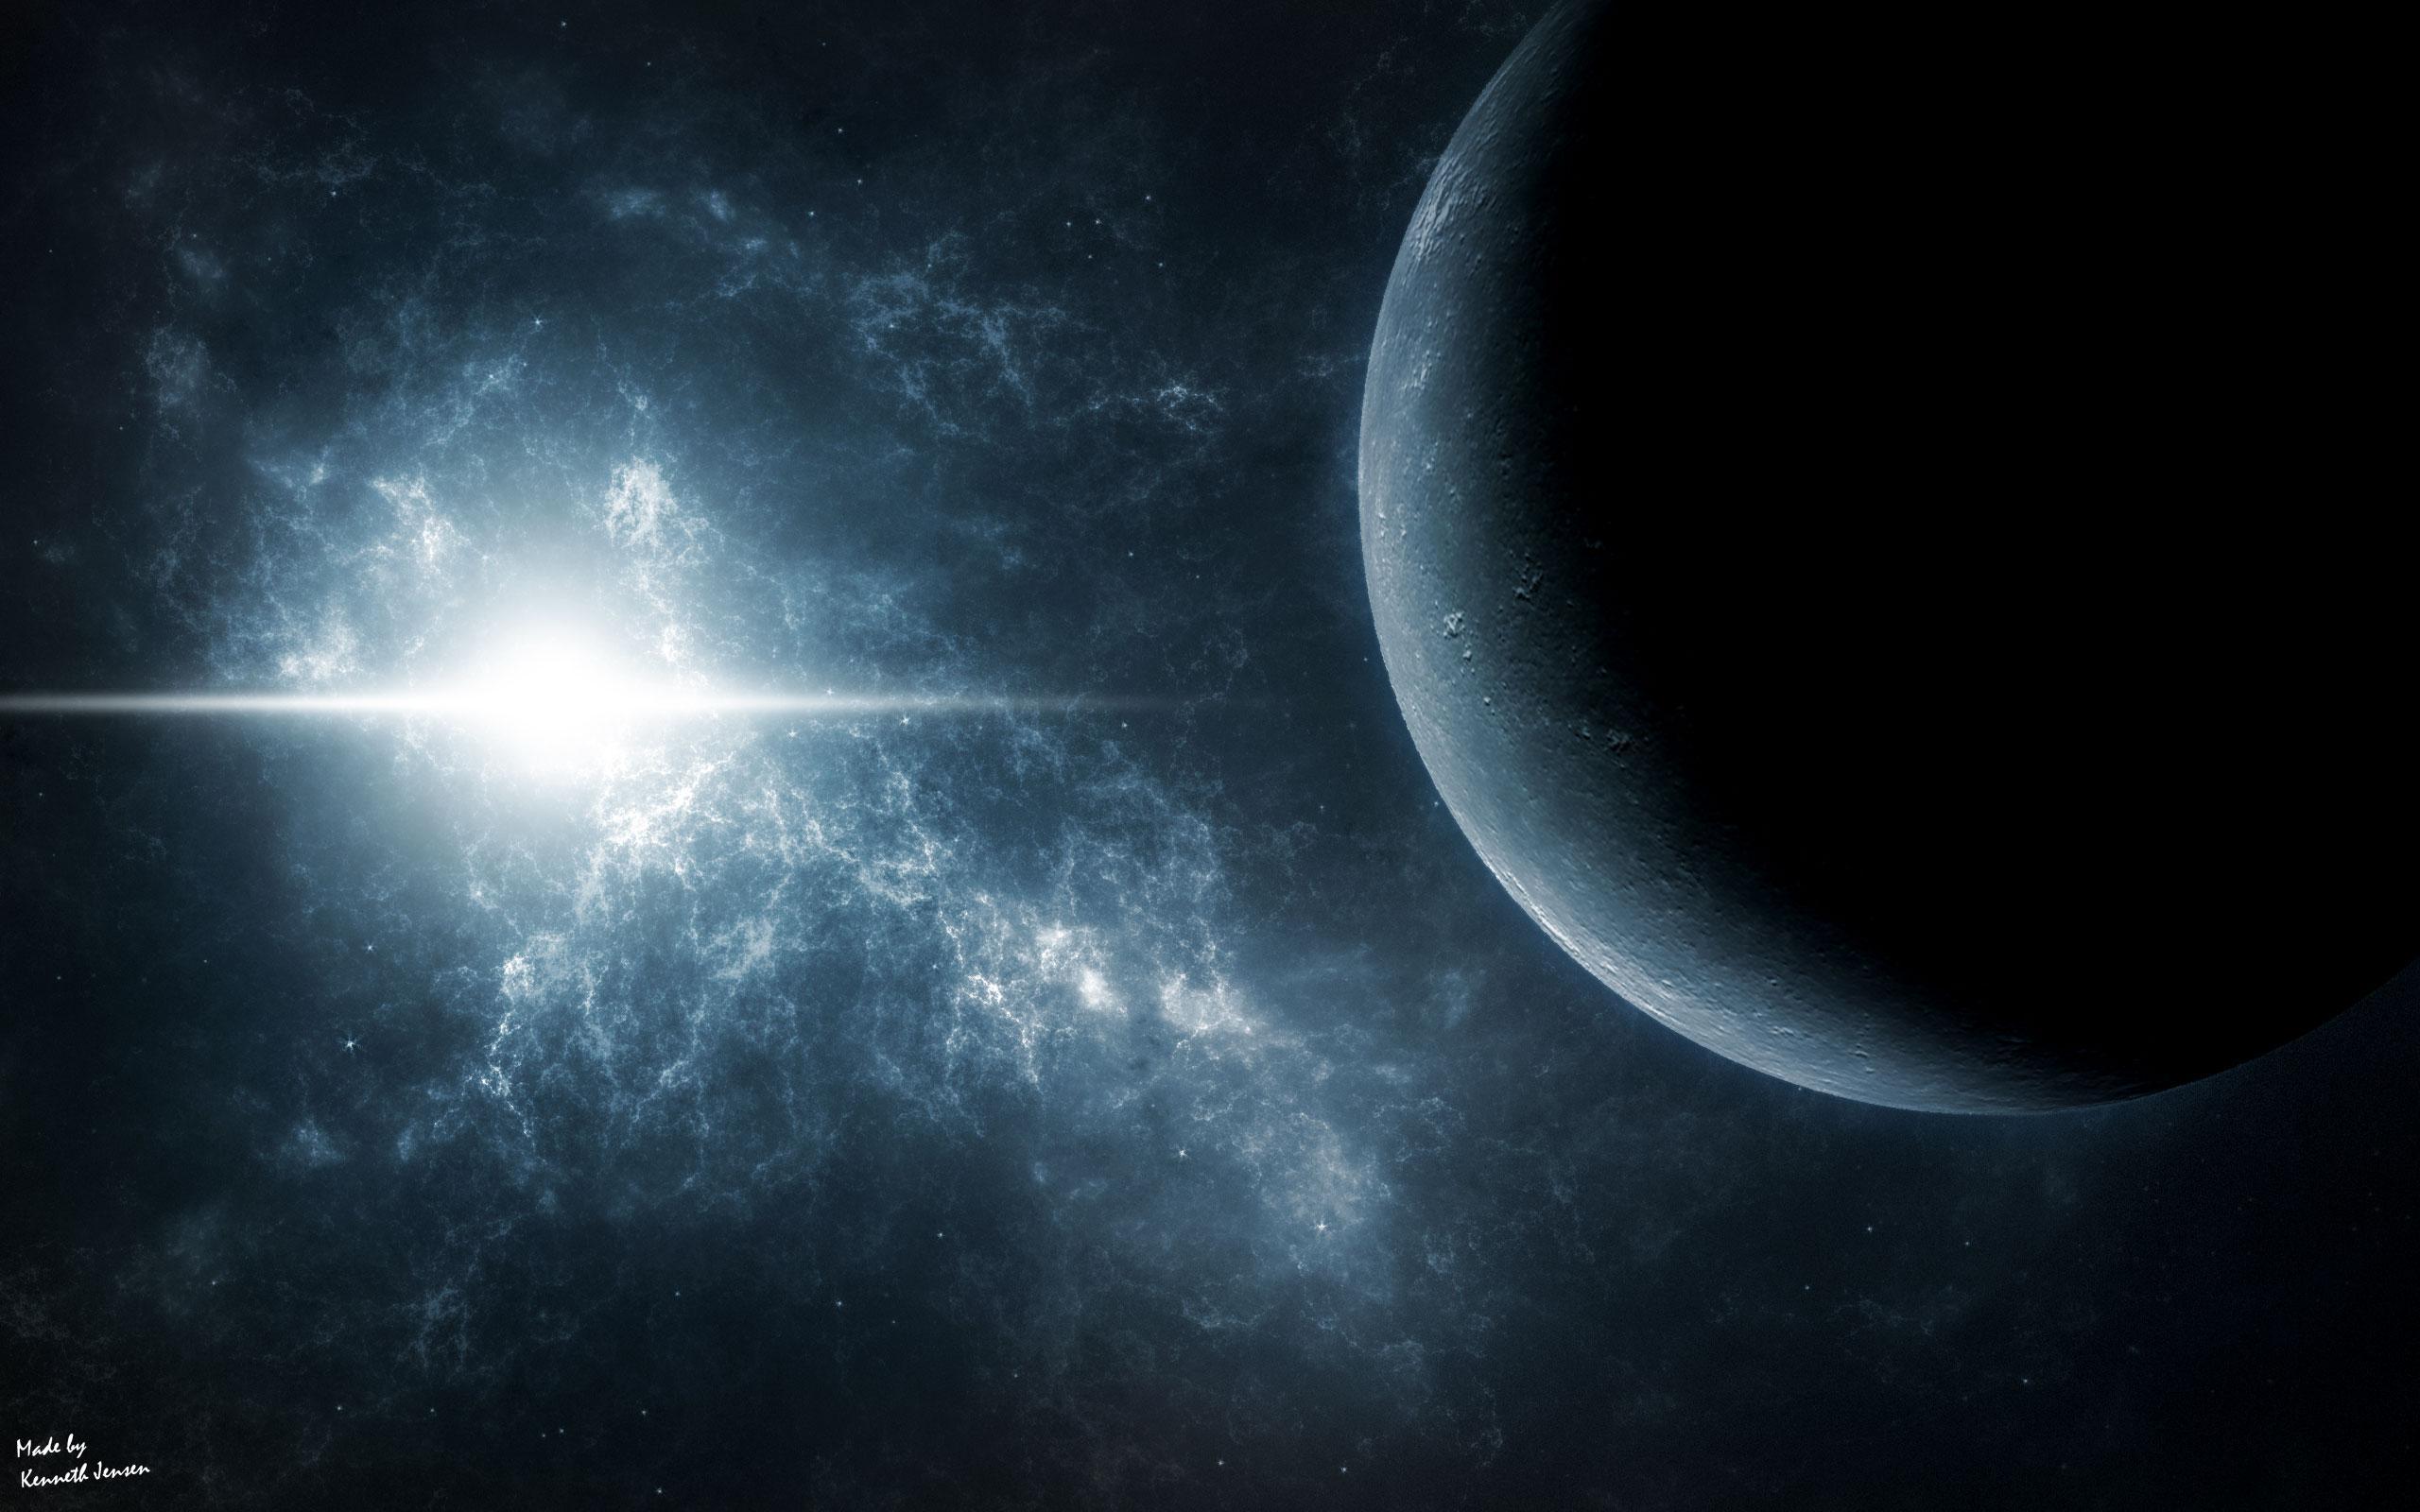 Звёздное небо и космос в картинках - Страница 3 OkD_IhZfFxE